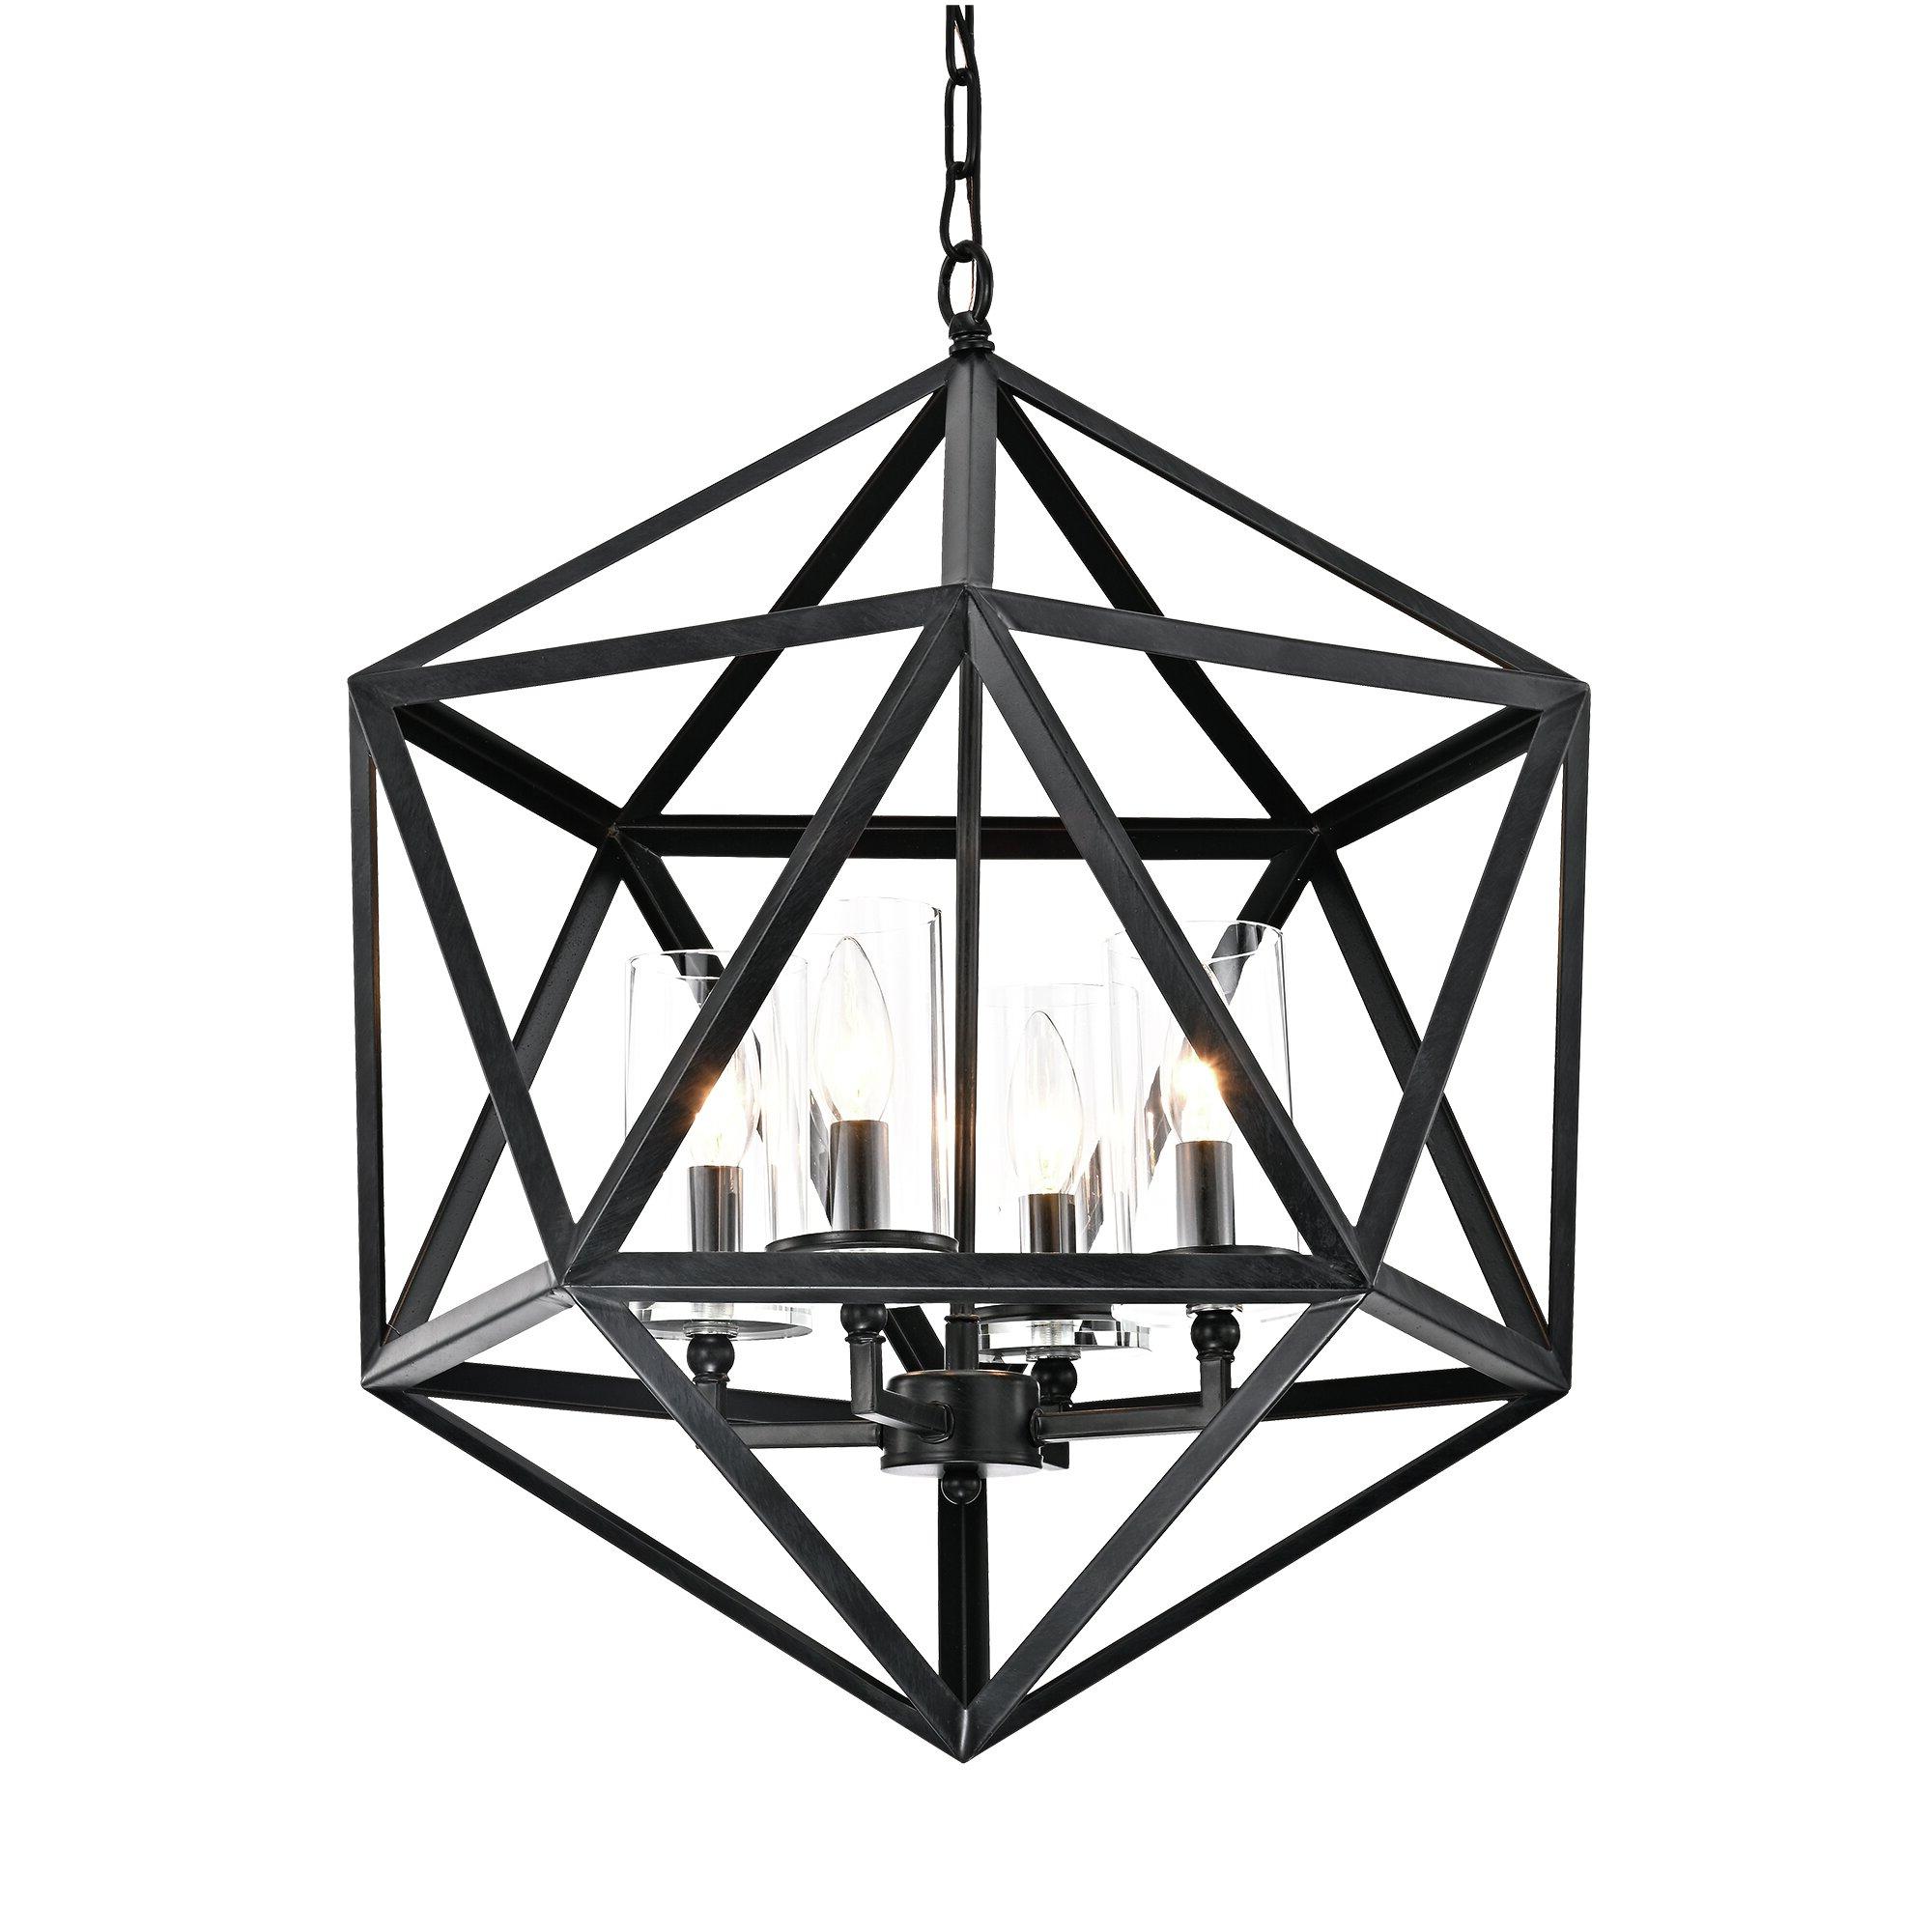 Latest Tabit 5 Light Geometric Chandeliers Inside Venita 4 Light Geometric Chandelier (View 8 of 20)